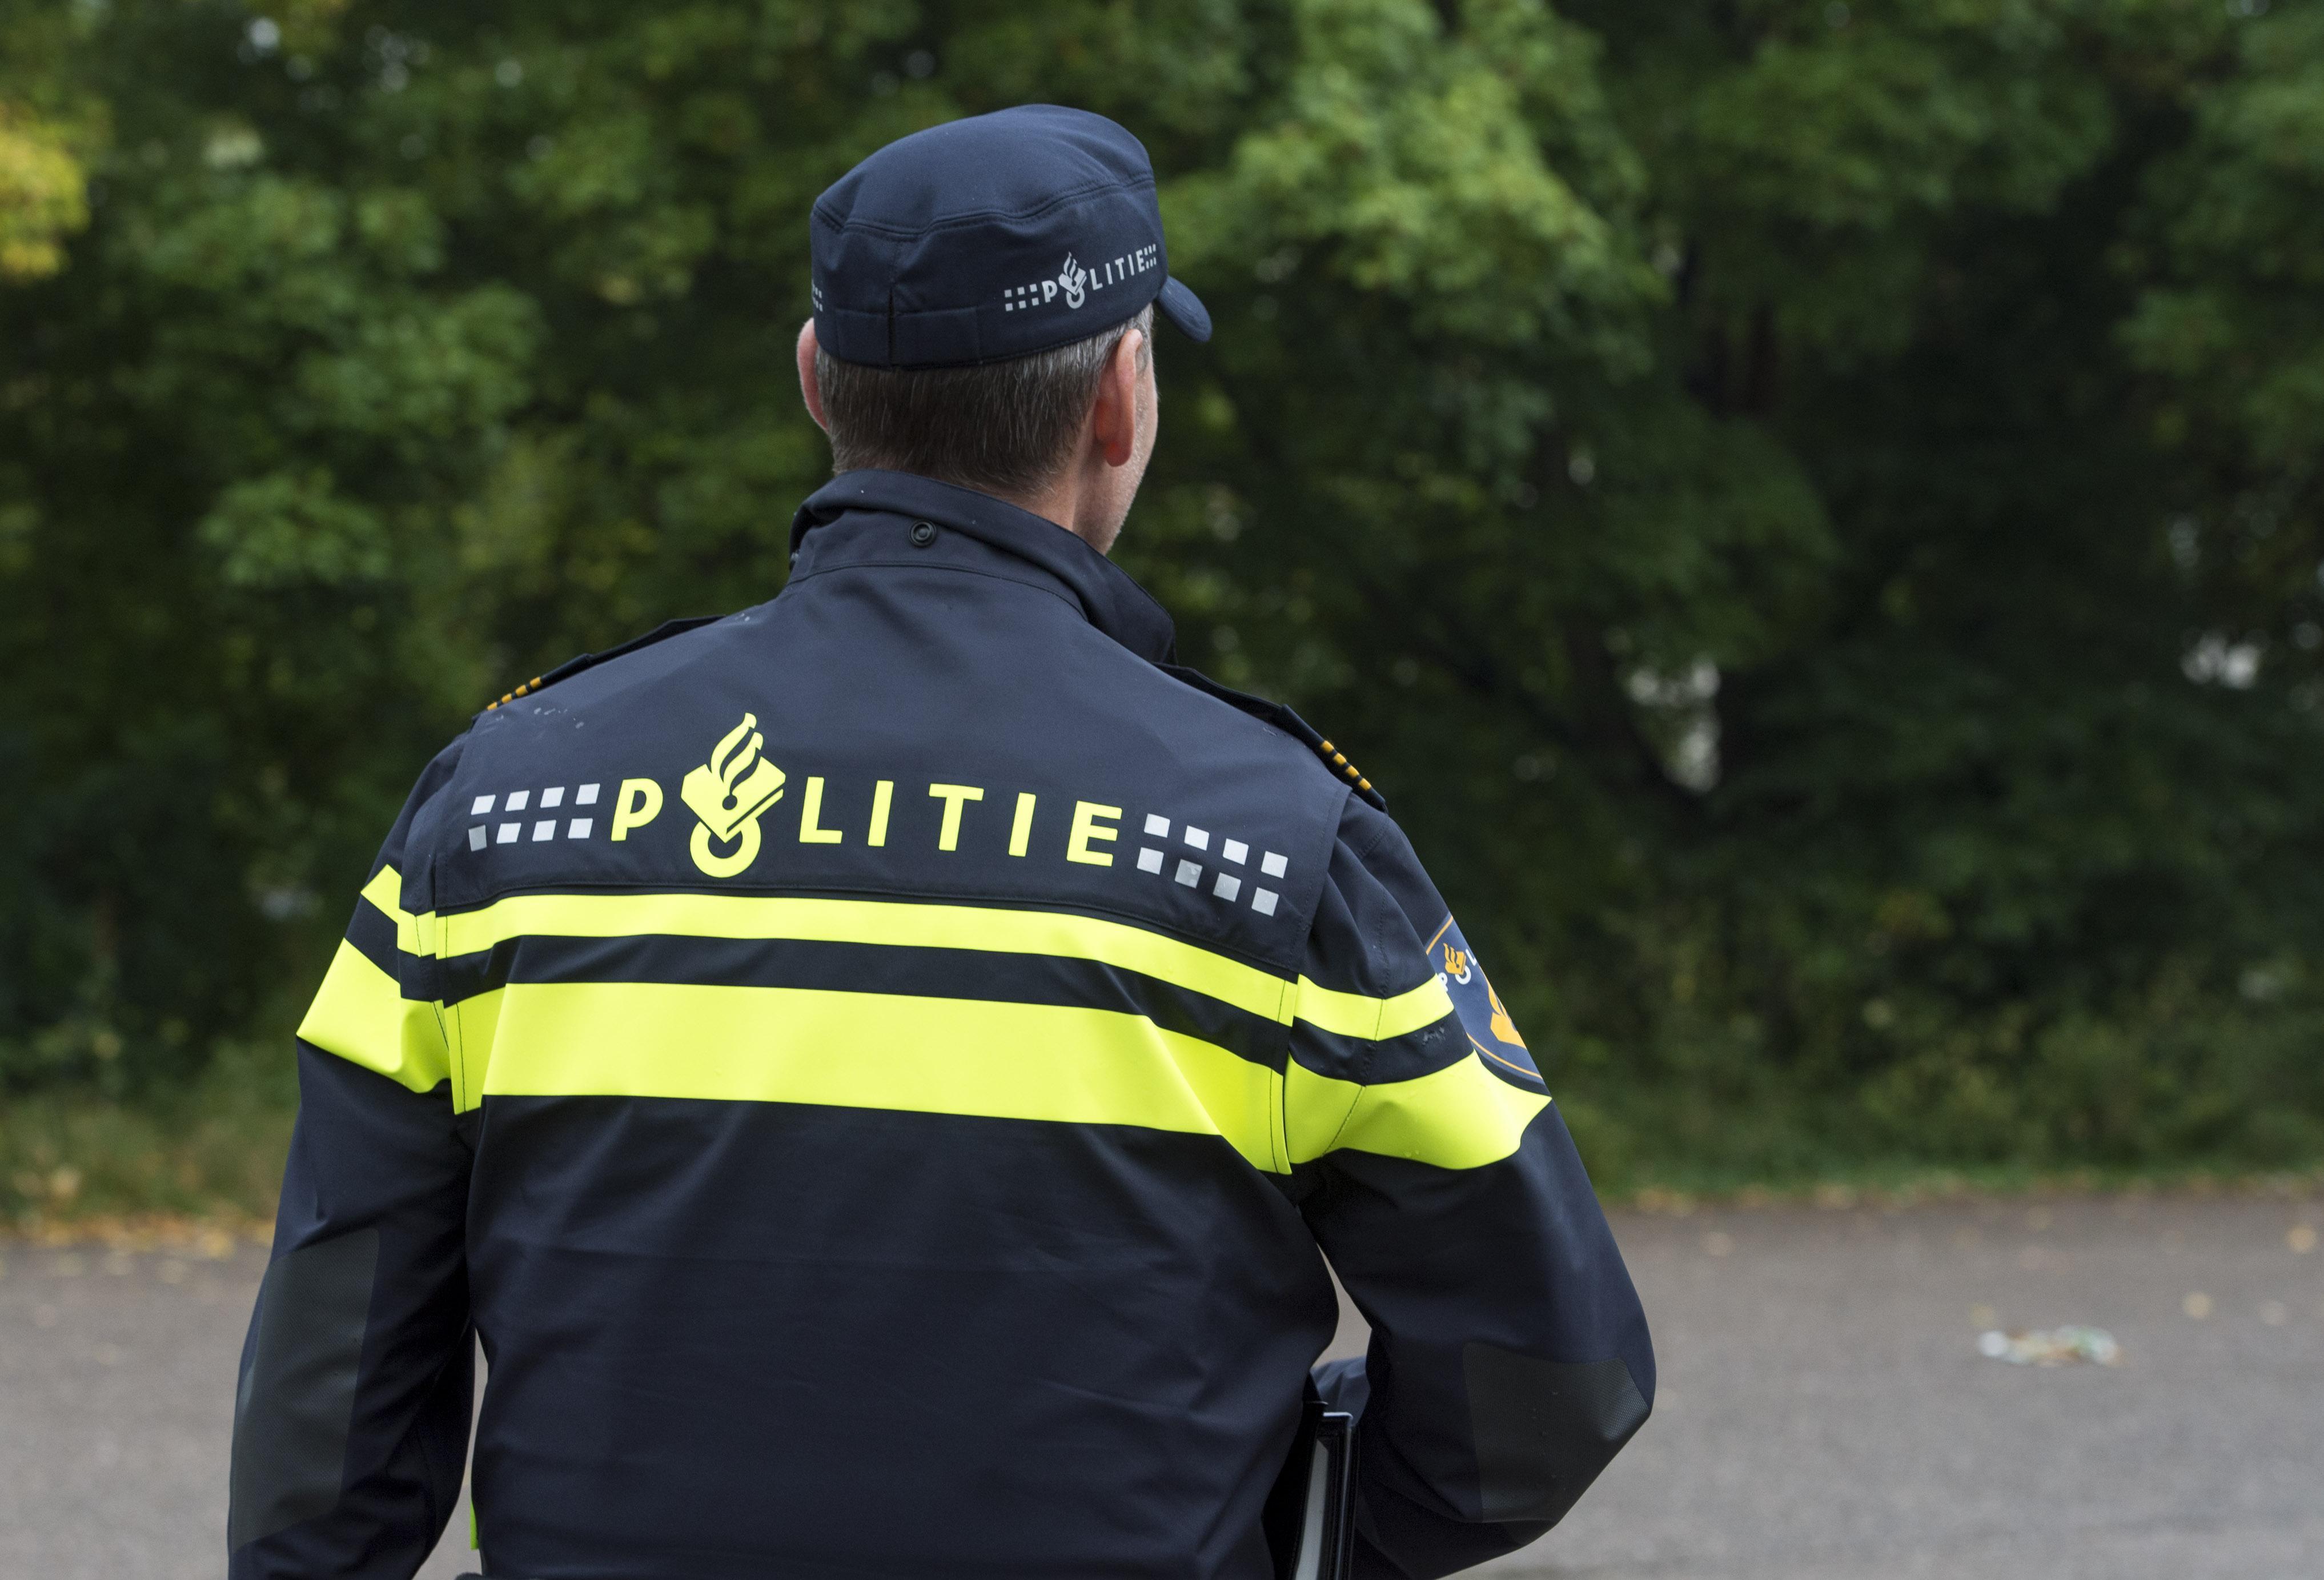 Beginnende bestuurder met alcohol op scooter, raakt rijbewijs kwijt